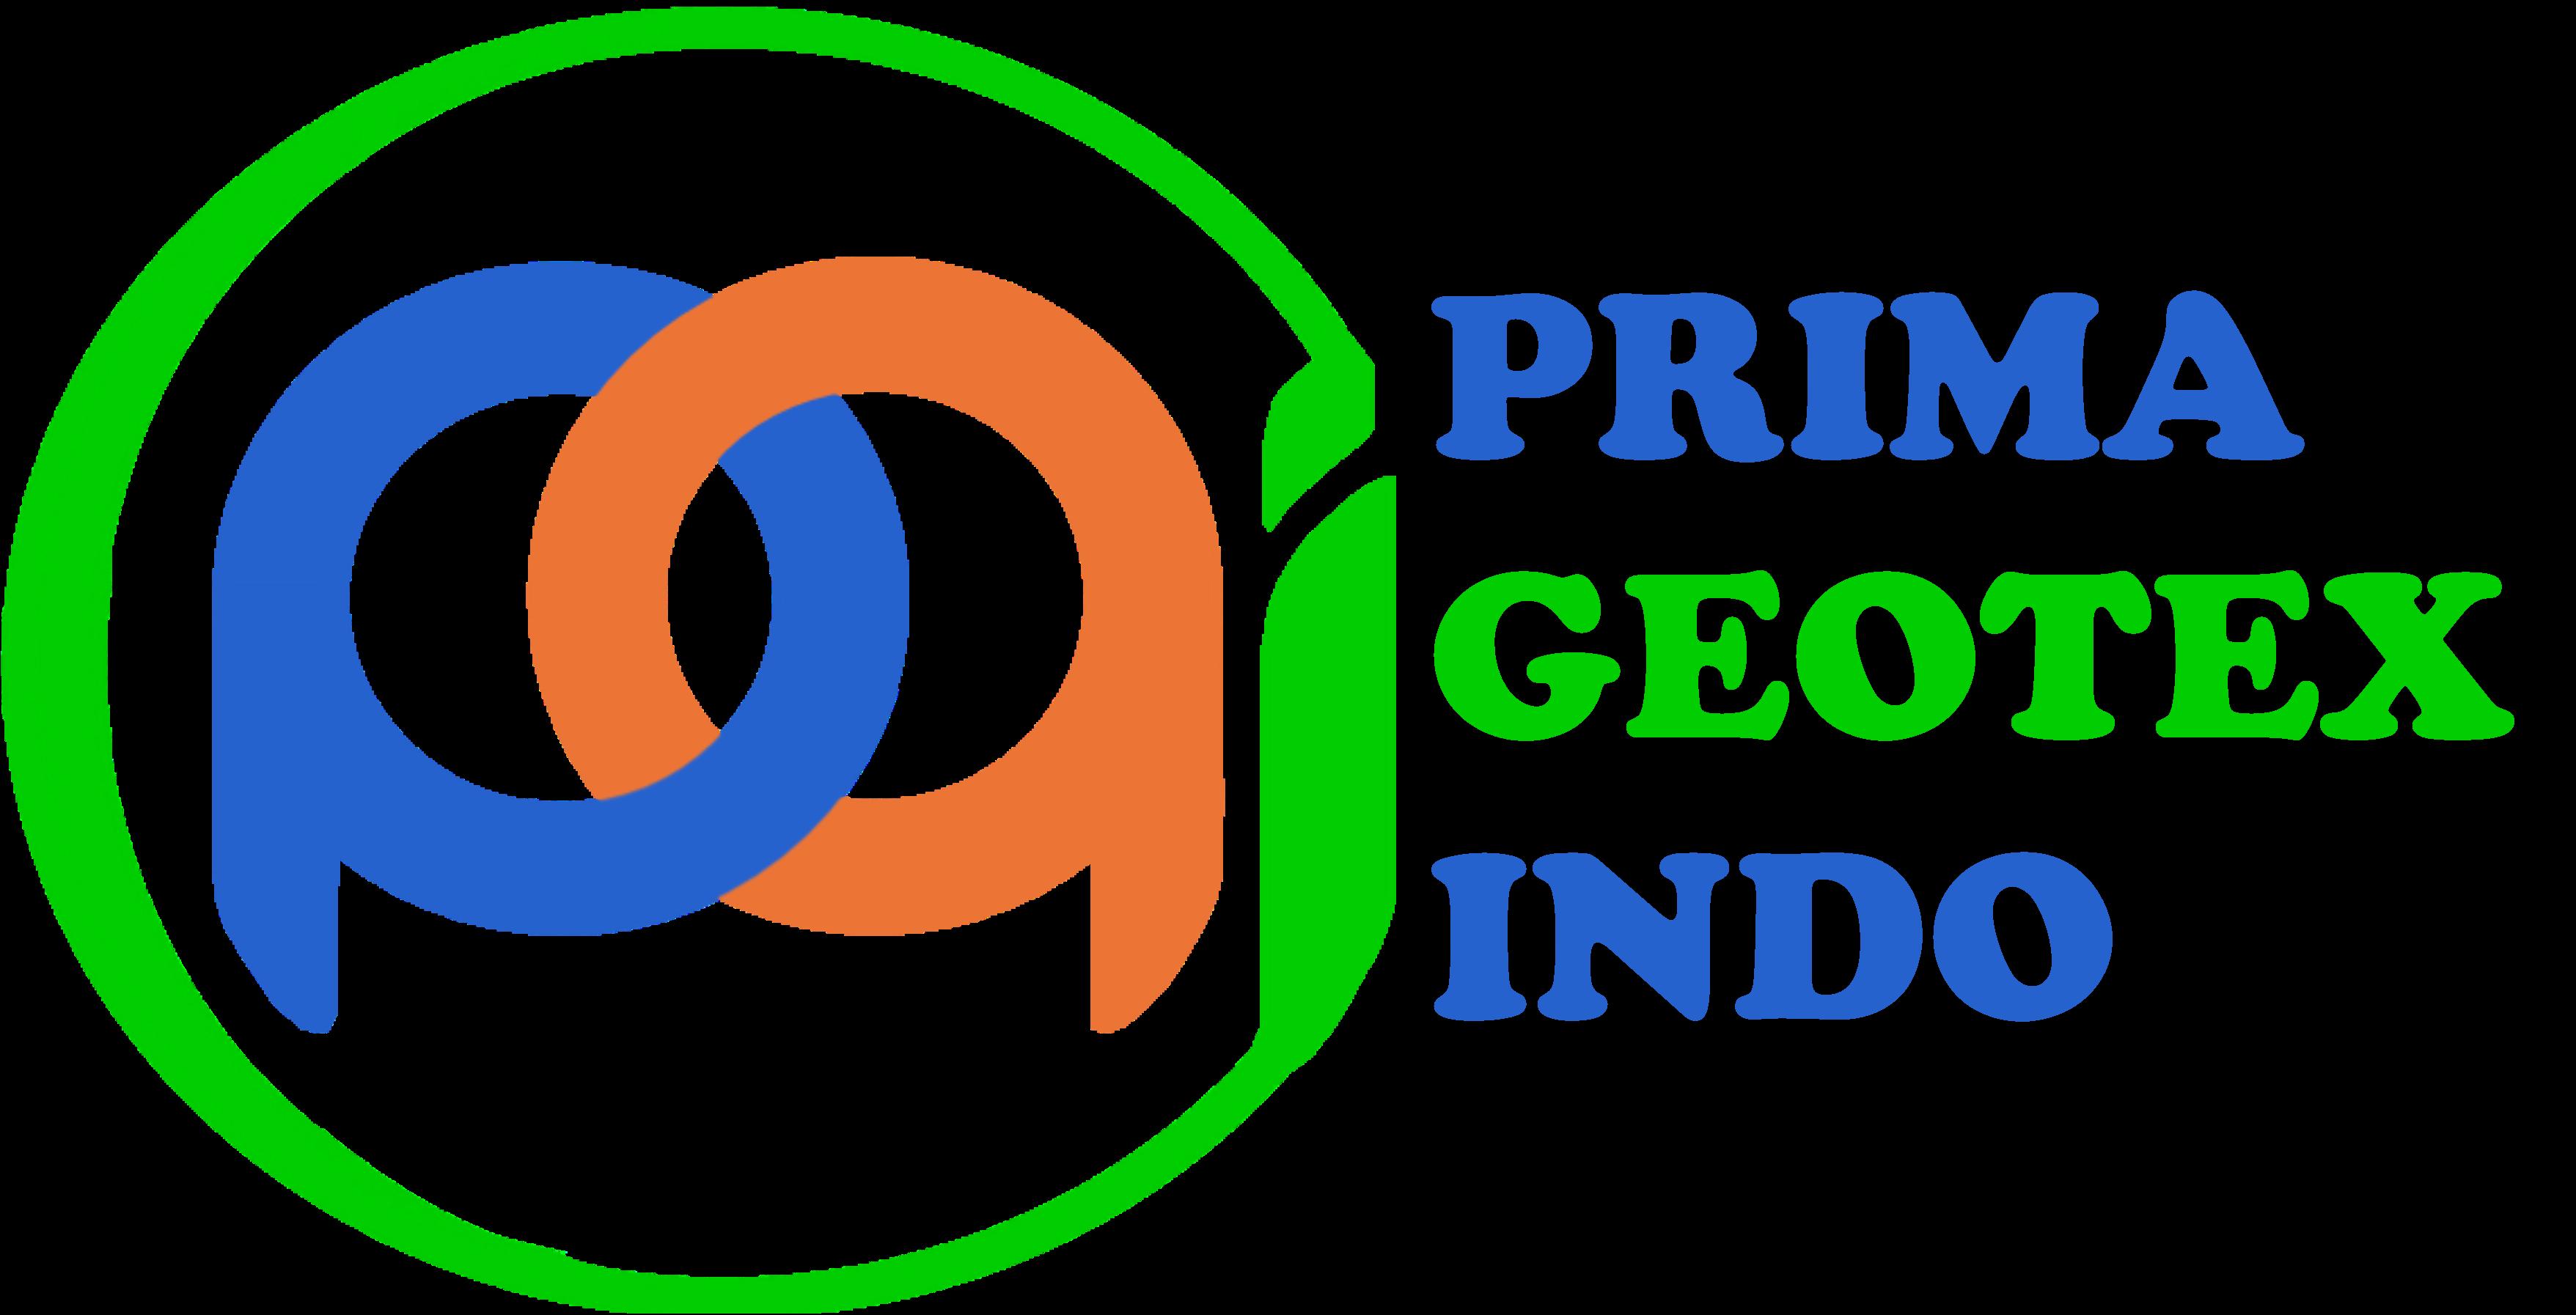 PT Prima Geotex Indonesia